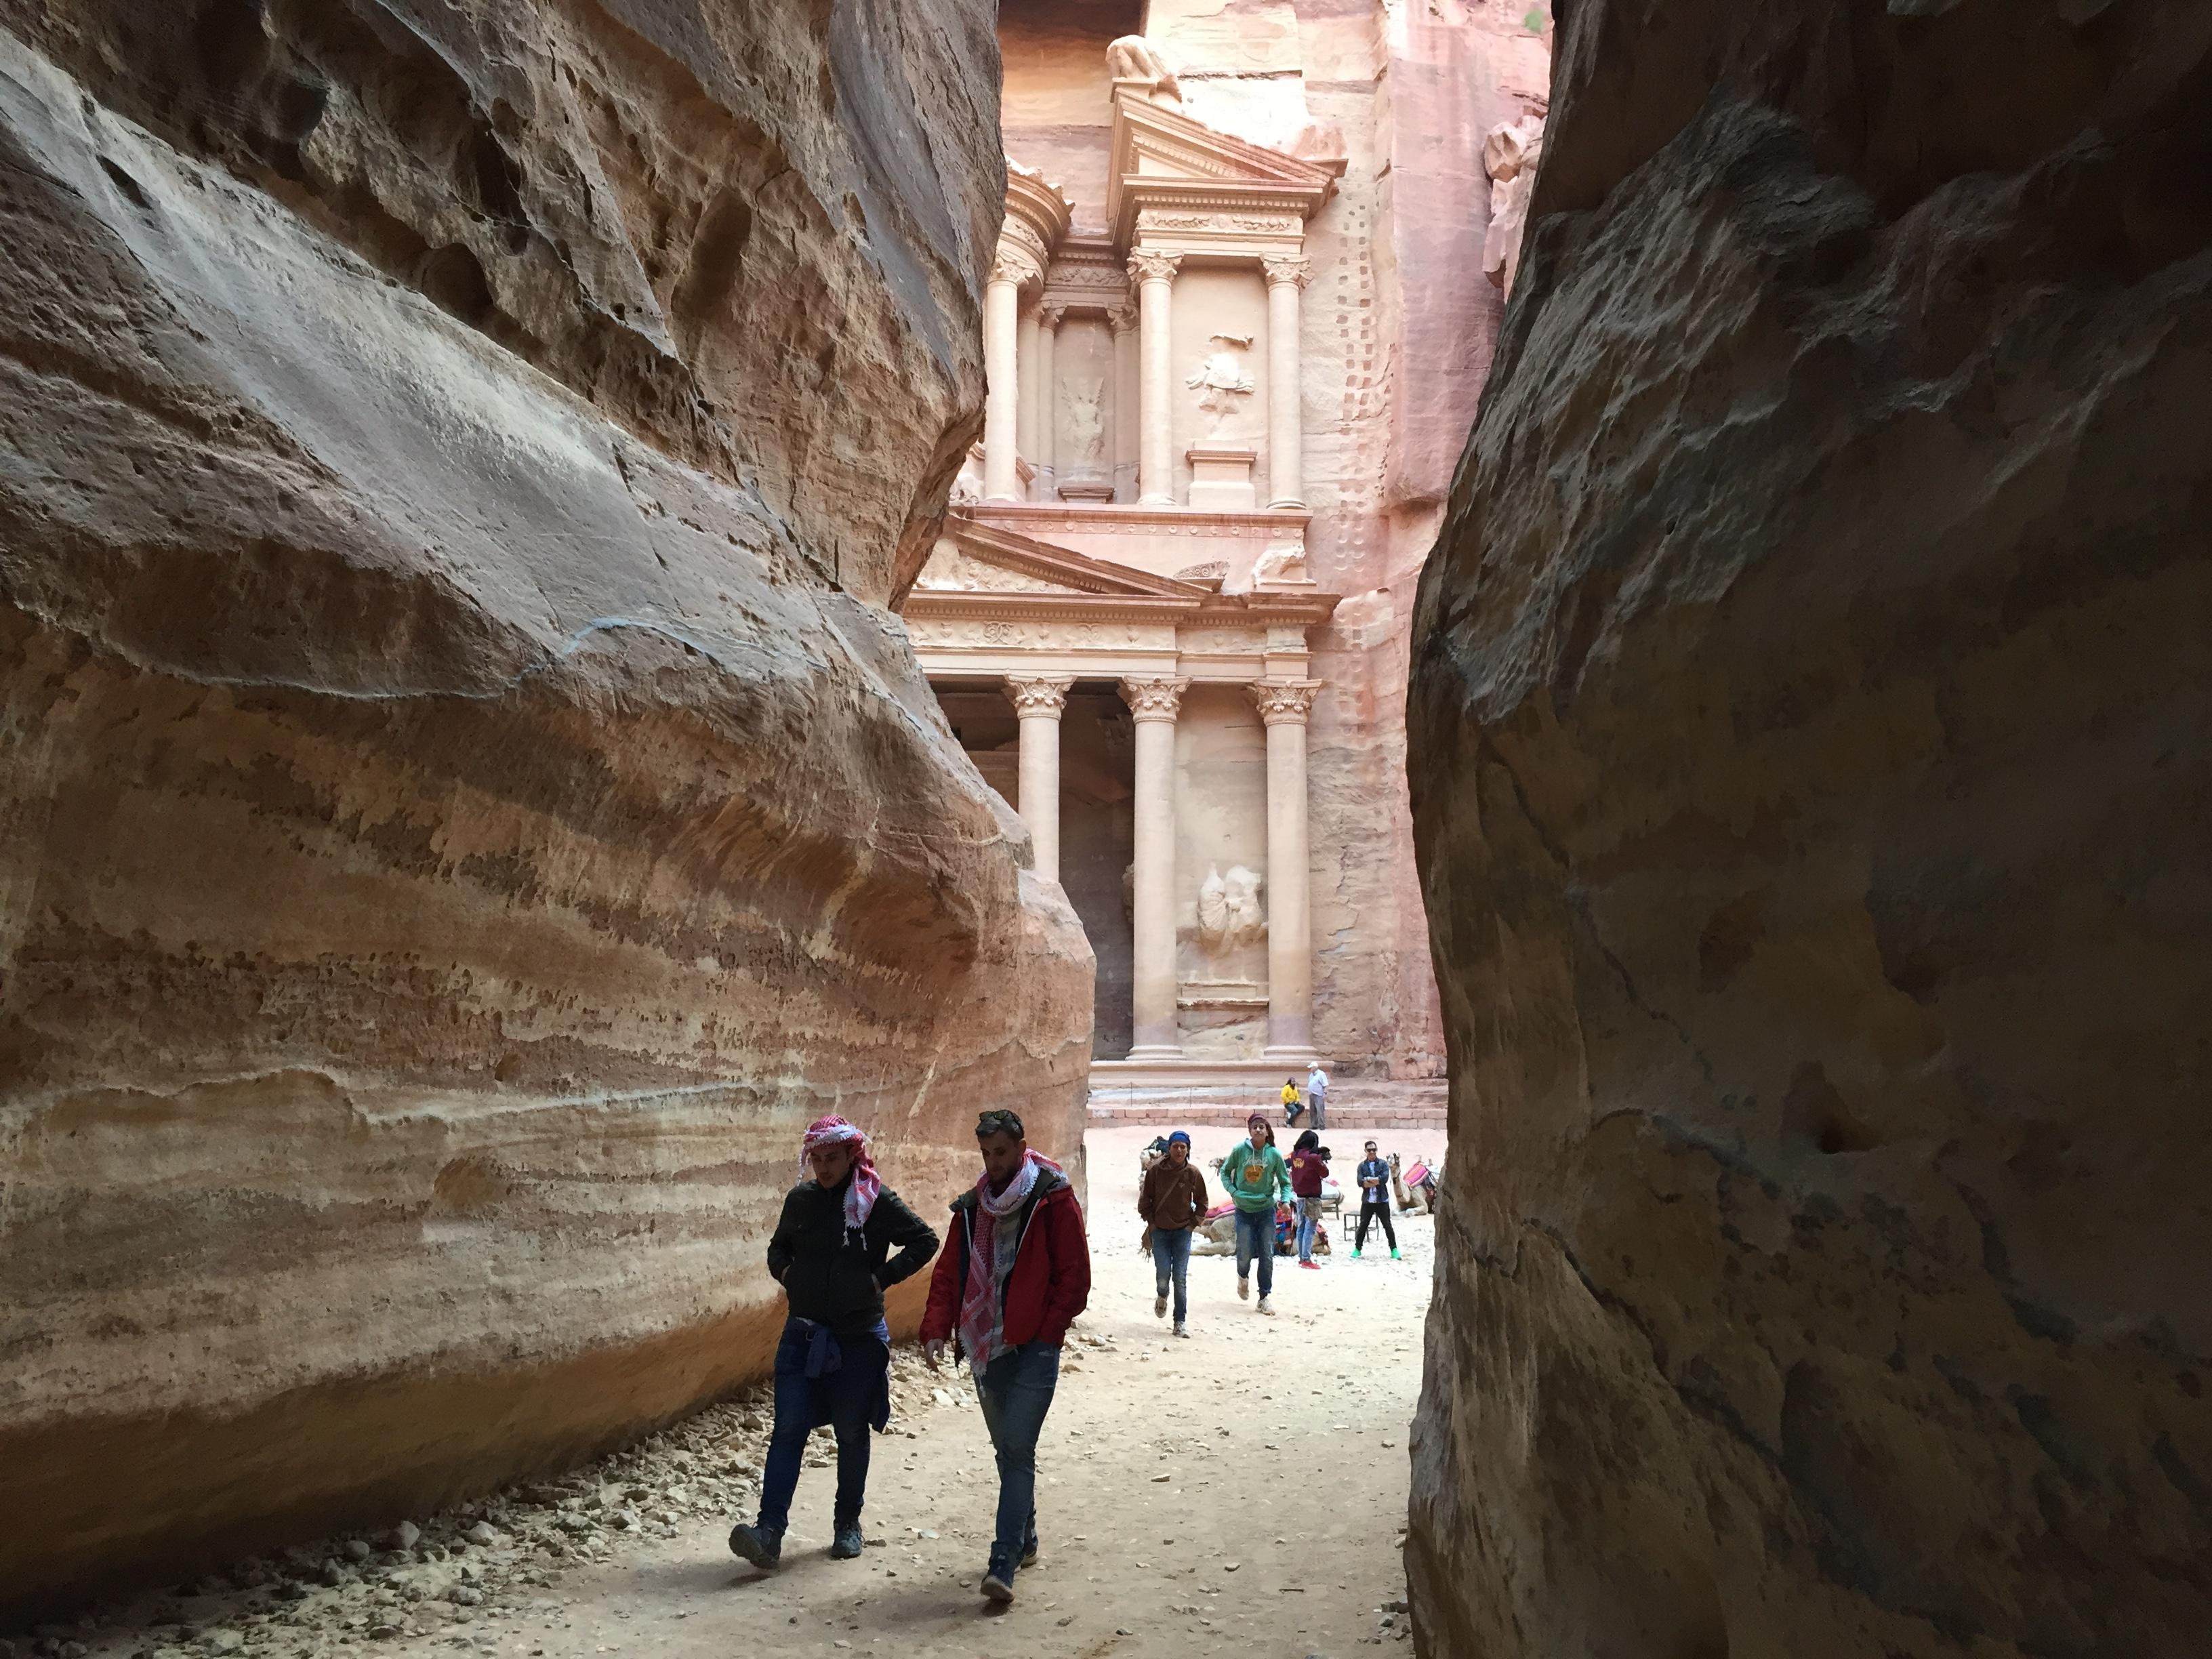 El cañón que lleva al lugar más emblemático de Petra; el Tesoro